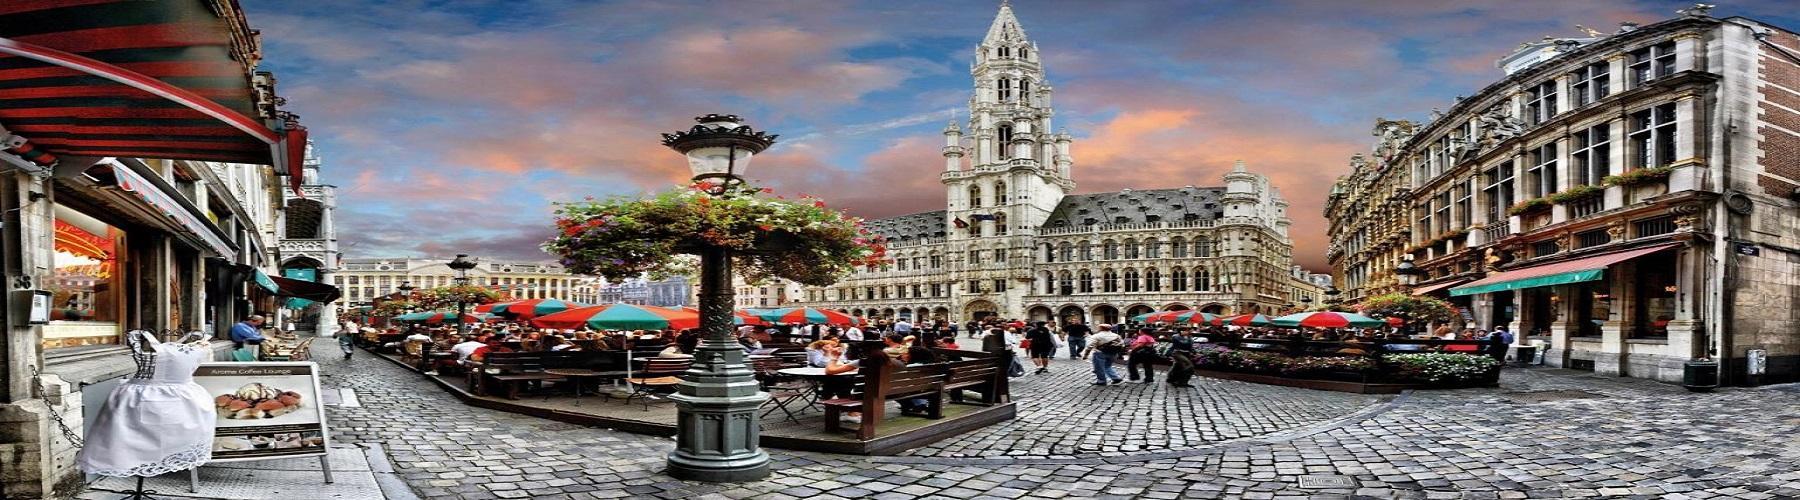 Информация для путешественников о Бельгии